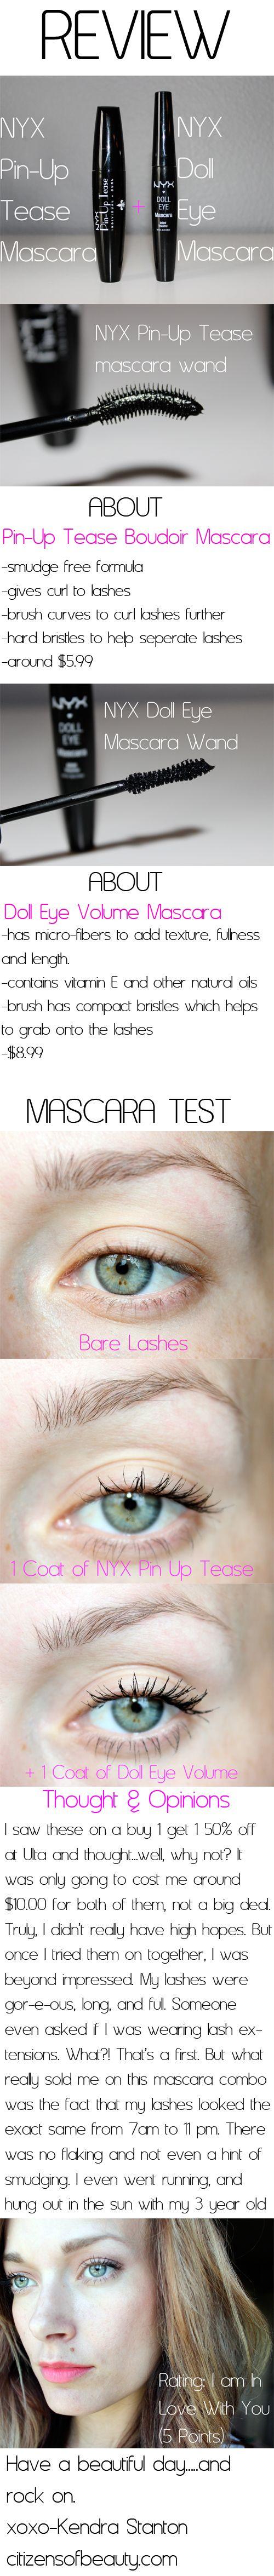 @NYX Cosmetics Mascara Combo Review. I am OBSESSED with this mascara combo. #NYXcosmetics #Mascara #Review